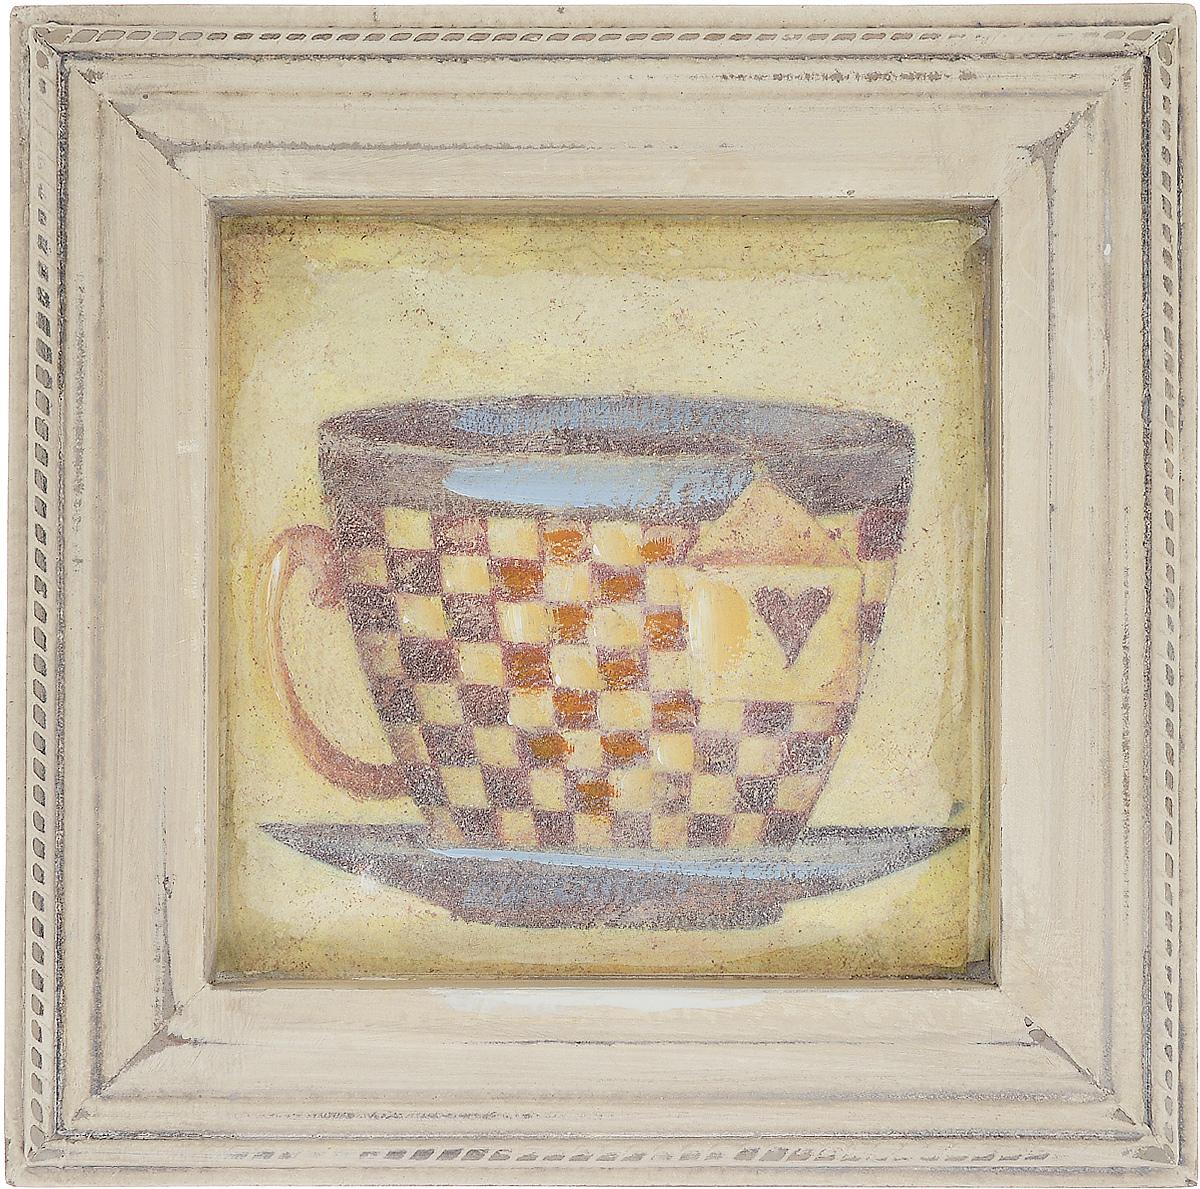 Картина-репродукция Феникс-Презент Чашка чая, 23,5 х 23,5 х 2 см44441Картина-репродукция Феникс-презент Чашка чая в рамке из МДФ выполнена печатью на бумаге с ручной подрисовкой. На оборотной стороне имеется петля для подвешивания на стену. Такая картина - вдохновляющее декоративное решение, привносящее в интерьер нотки творчества и изысканности! Благодаря оригинальному дизайну картина Чашка чая дополнит интерьер любого помещения, а также сможет стать изысканным подарком для ваших друзей и близких.